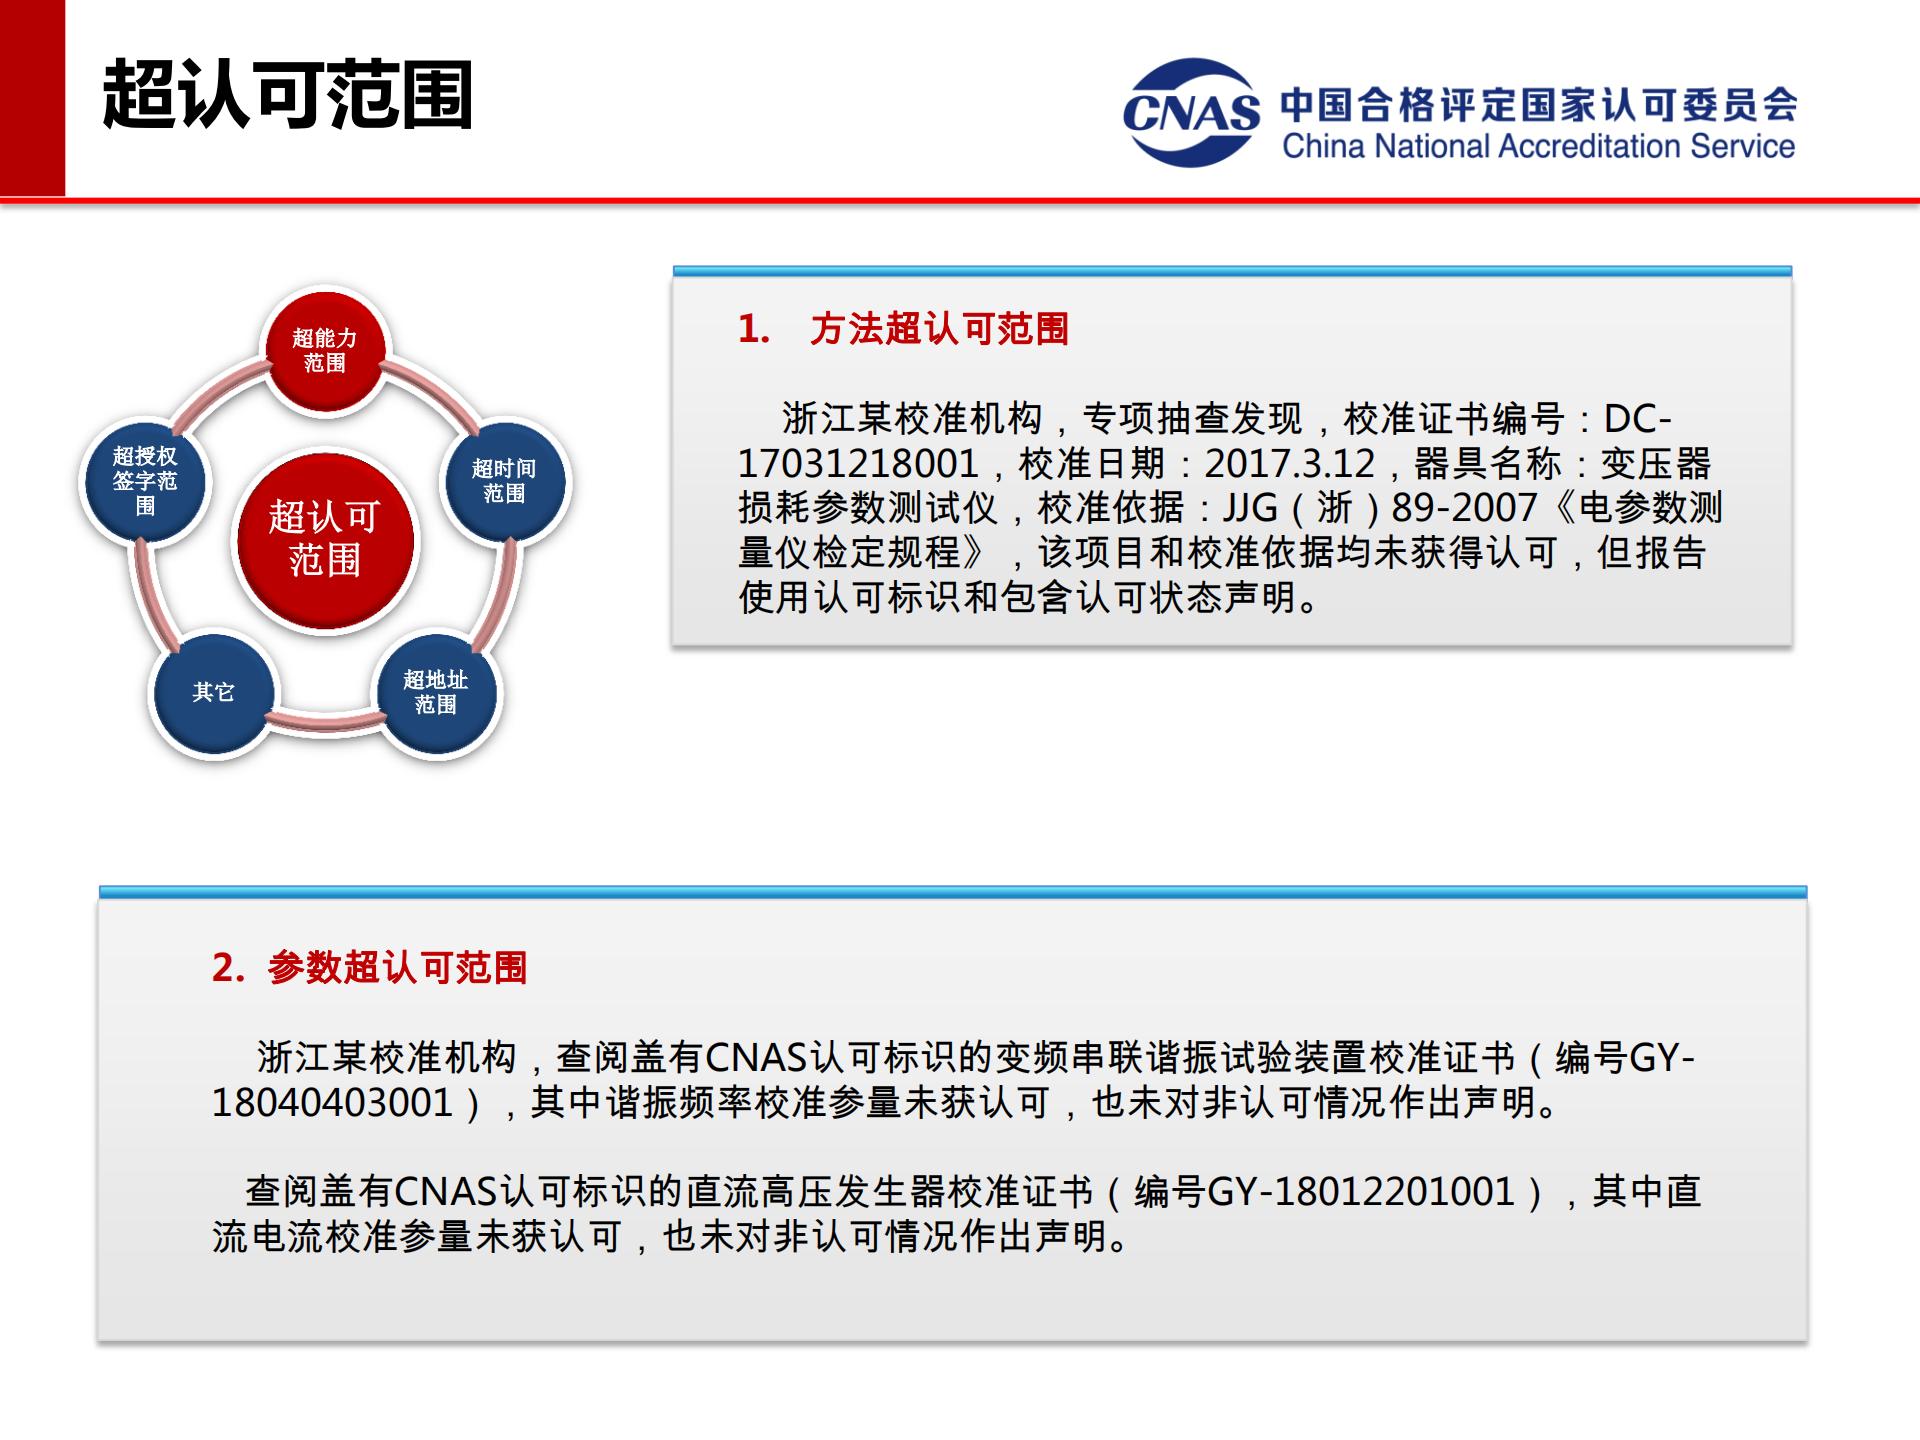 专项监督典型案例(发言人:认可七处 冯涛)_05.png